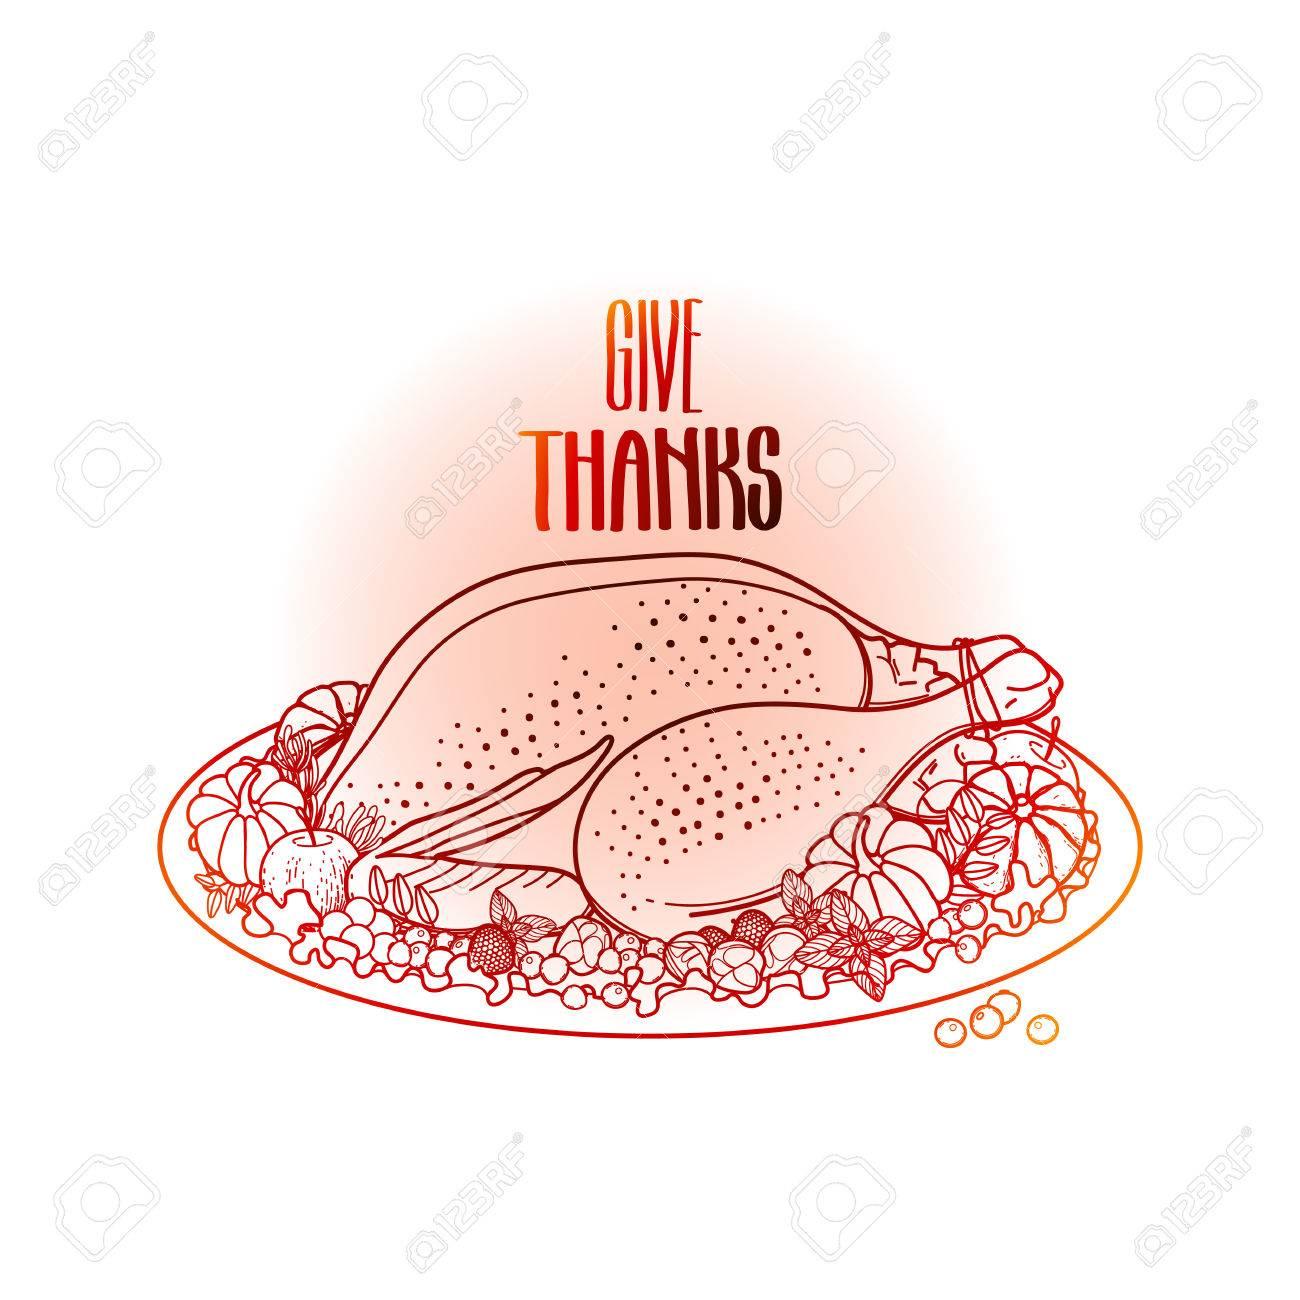 Großzügig Türkei Thanksgiving Malvorlagen Galerie - Malvorlagen Von ...